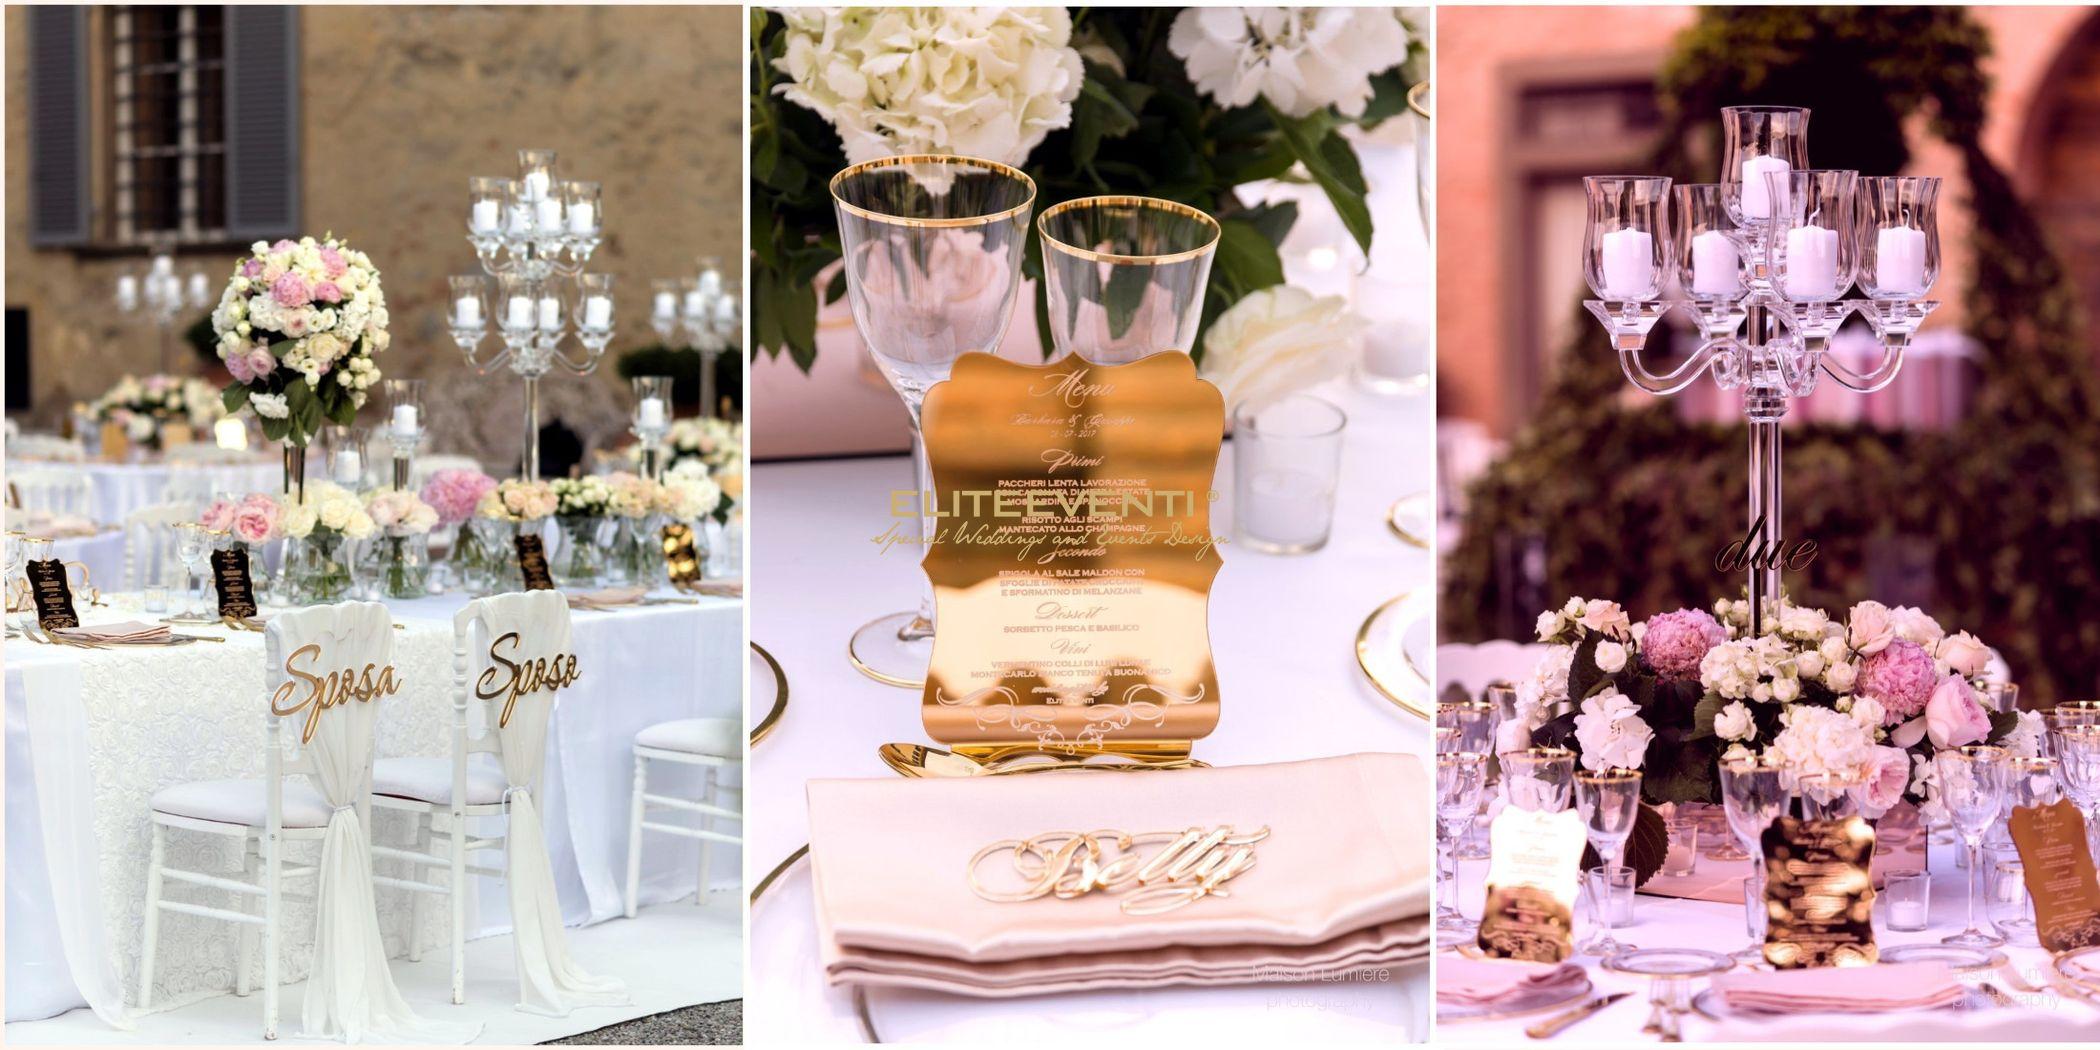 Dettagli allestimento matrimonio a Villa Scorzi (PI) - By Eliteeventi